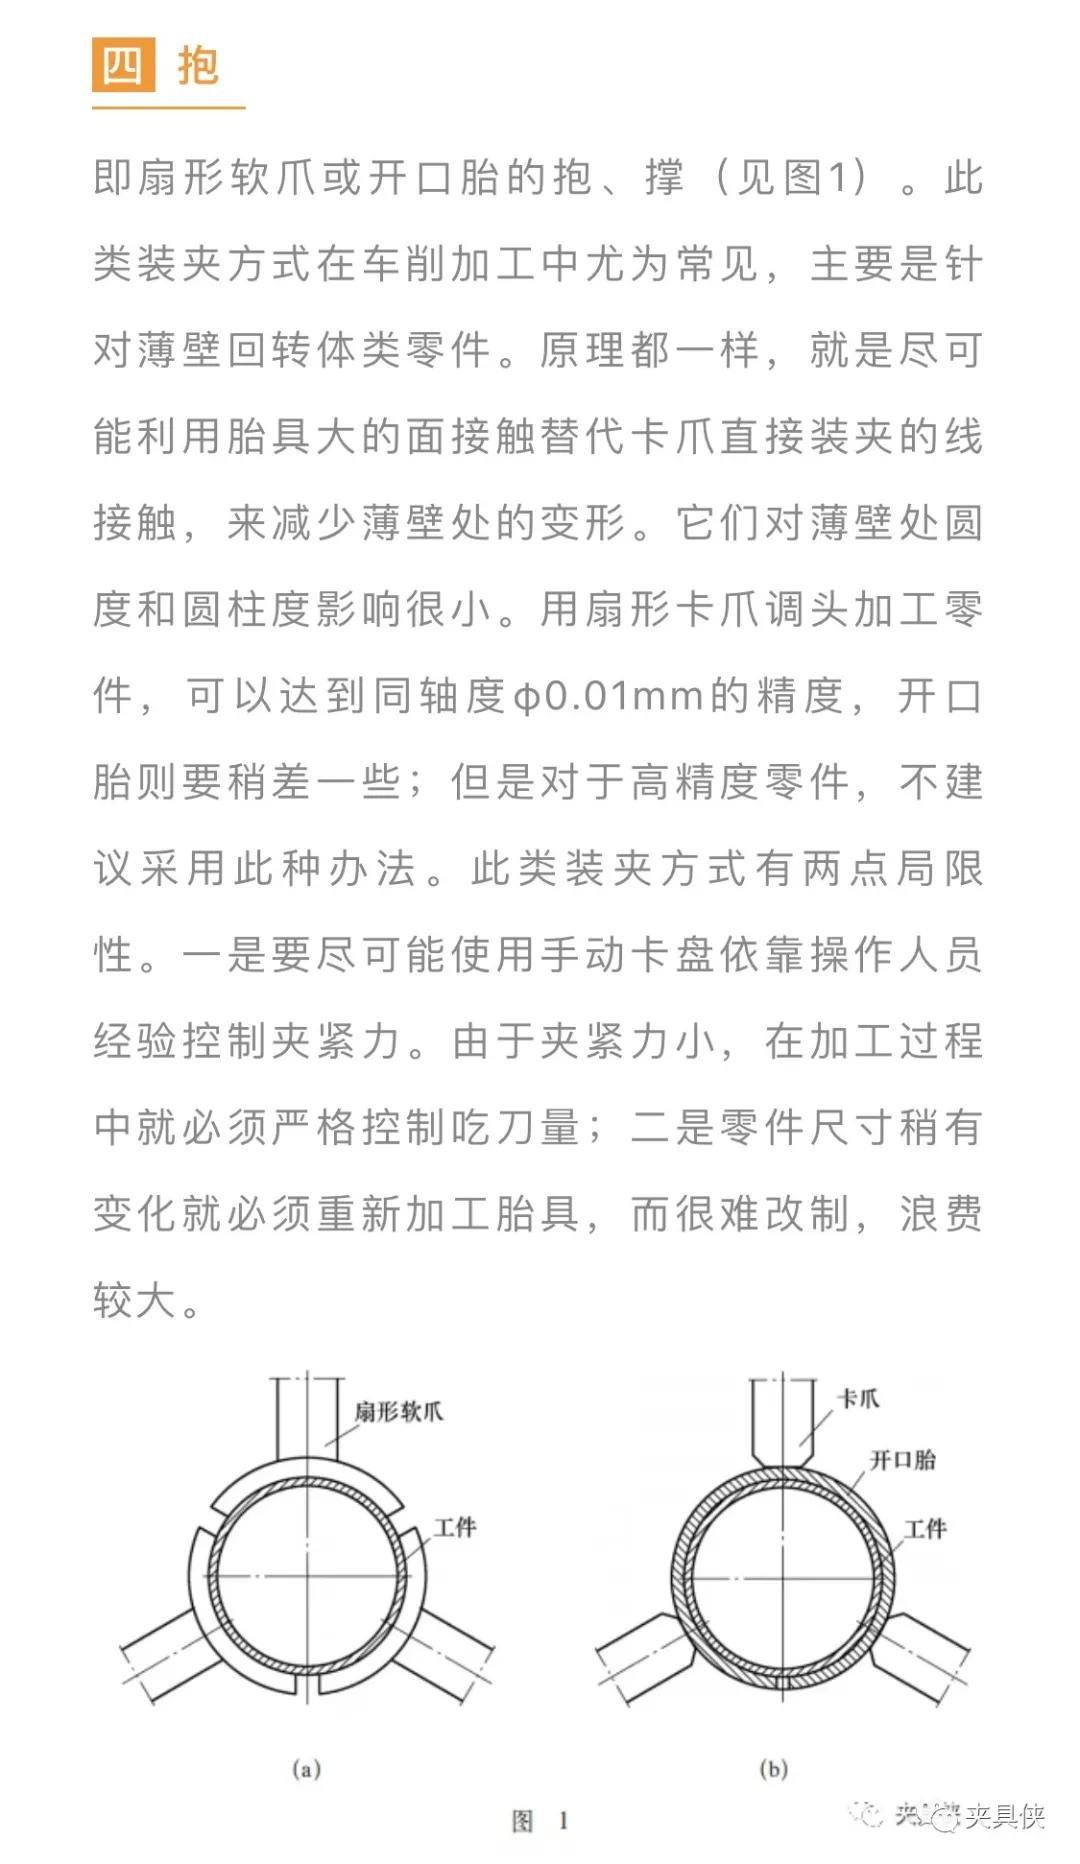 常见装夹方式对零件加工精度的影响